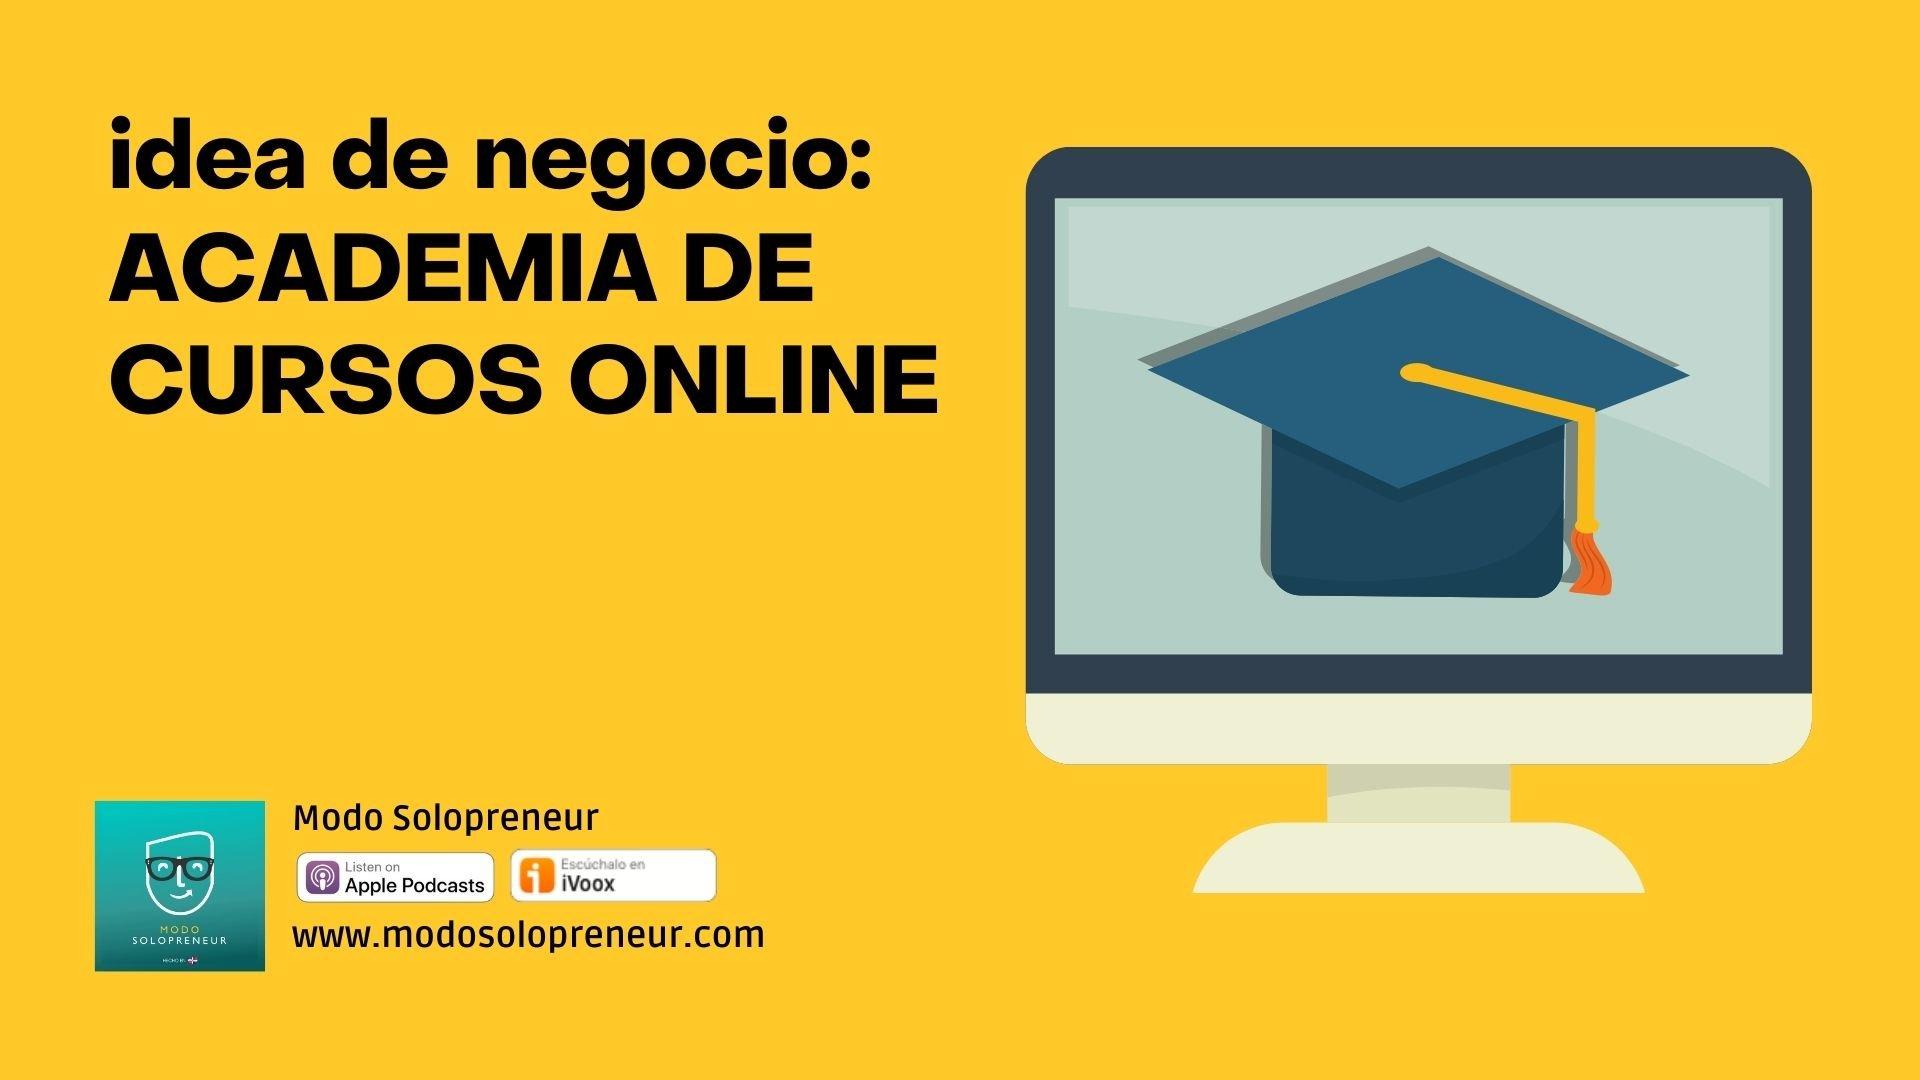 Idea de negocio: academia online de nichos